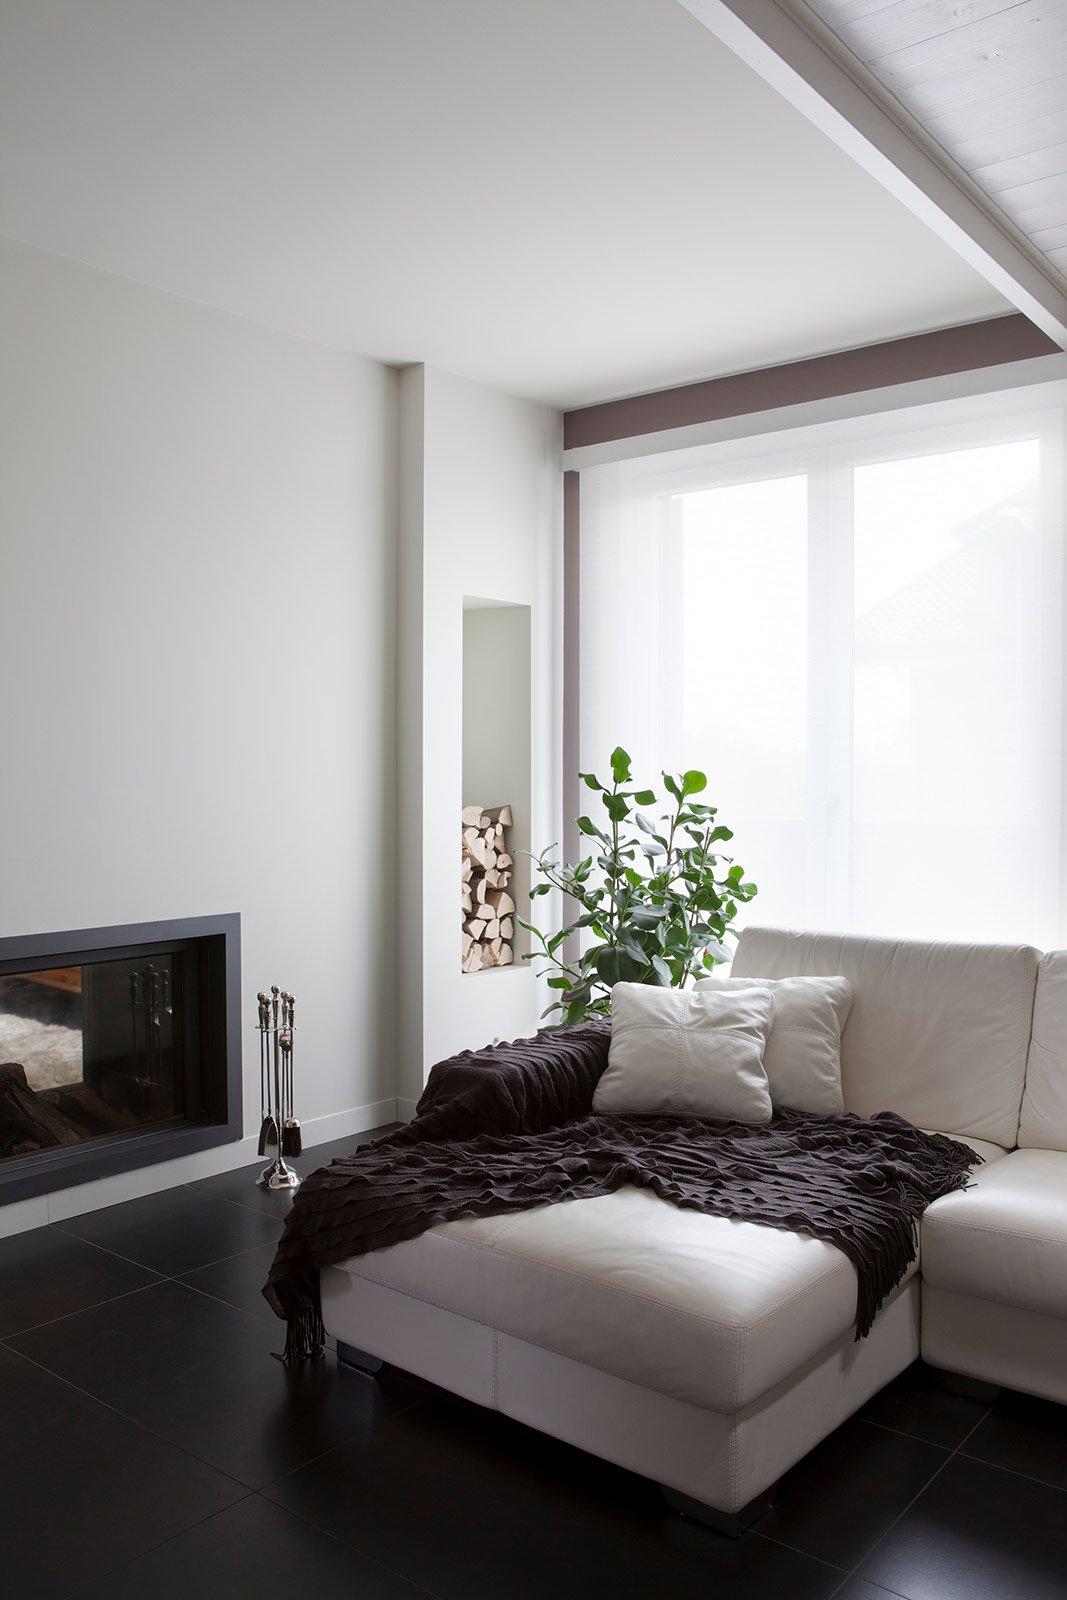 Bianco grigio nero per la casa di gusto contemporaneo for Casa del divano